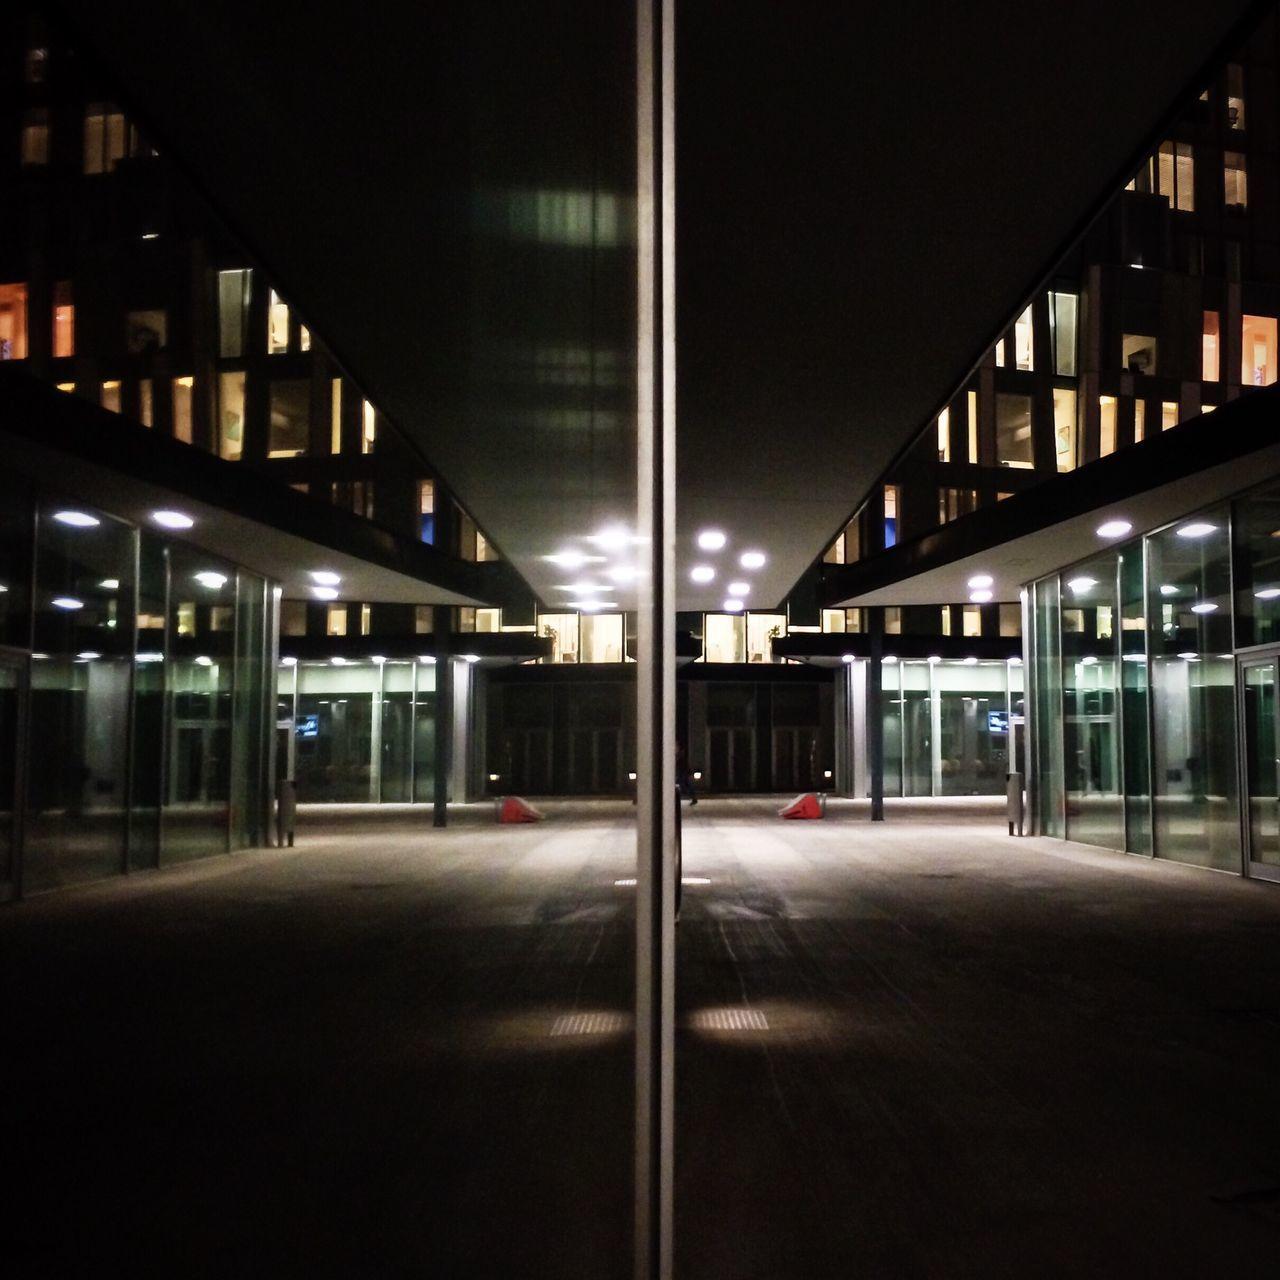 Big City Nights NEM Street NEM Architecture NEM Submissions NEM Landscapes